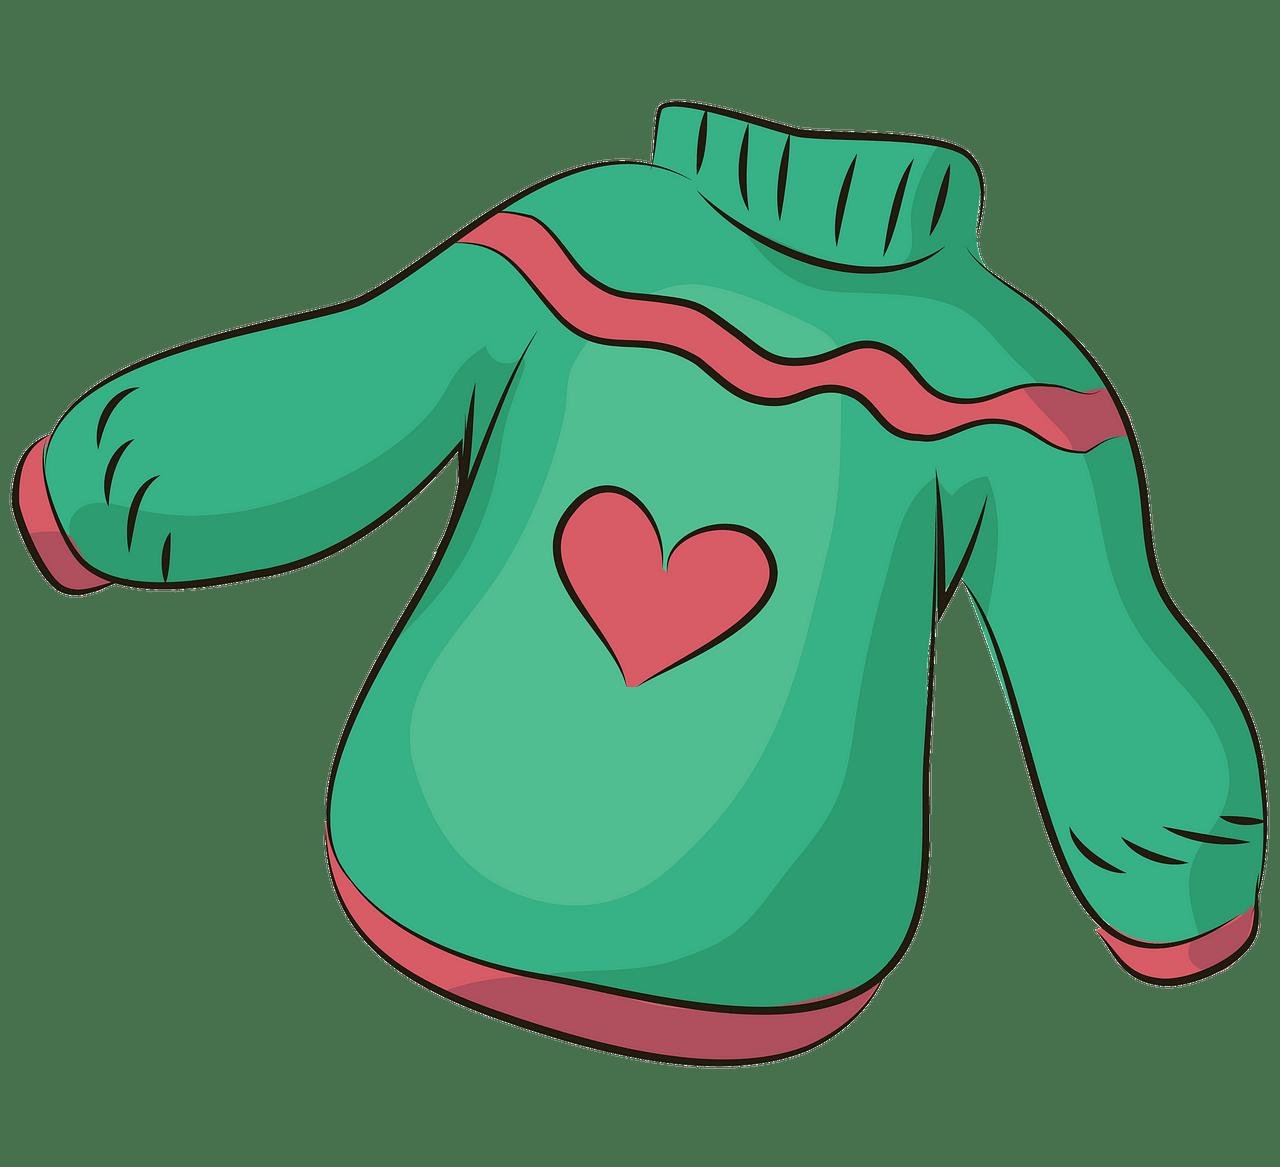 Sweater med hjerte. Gratis download..